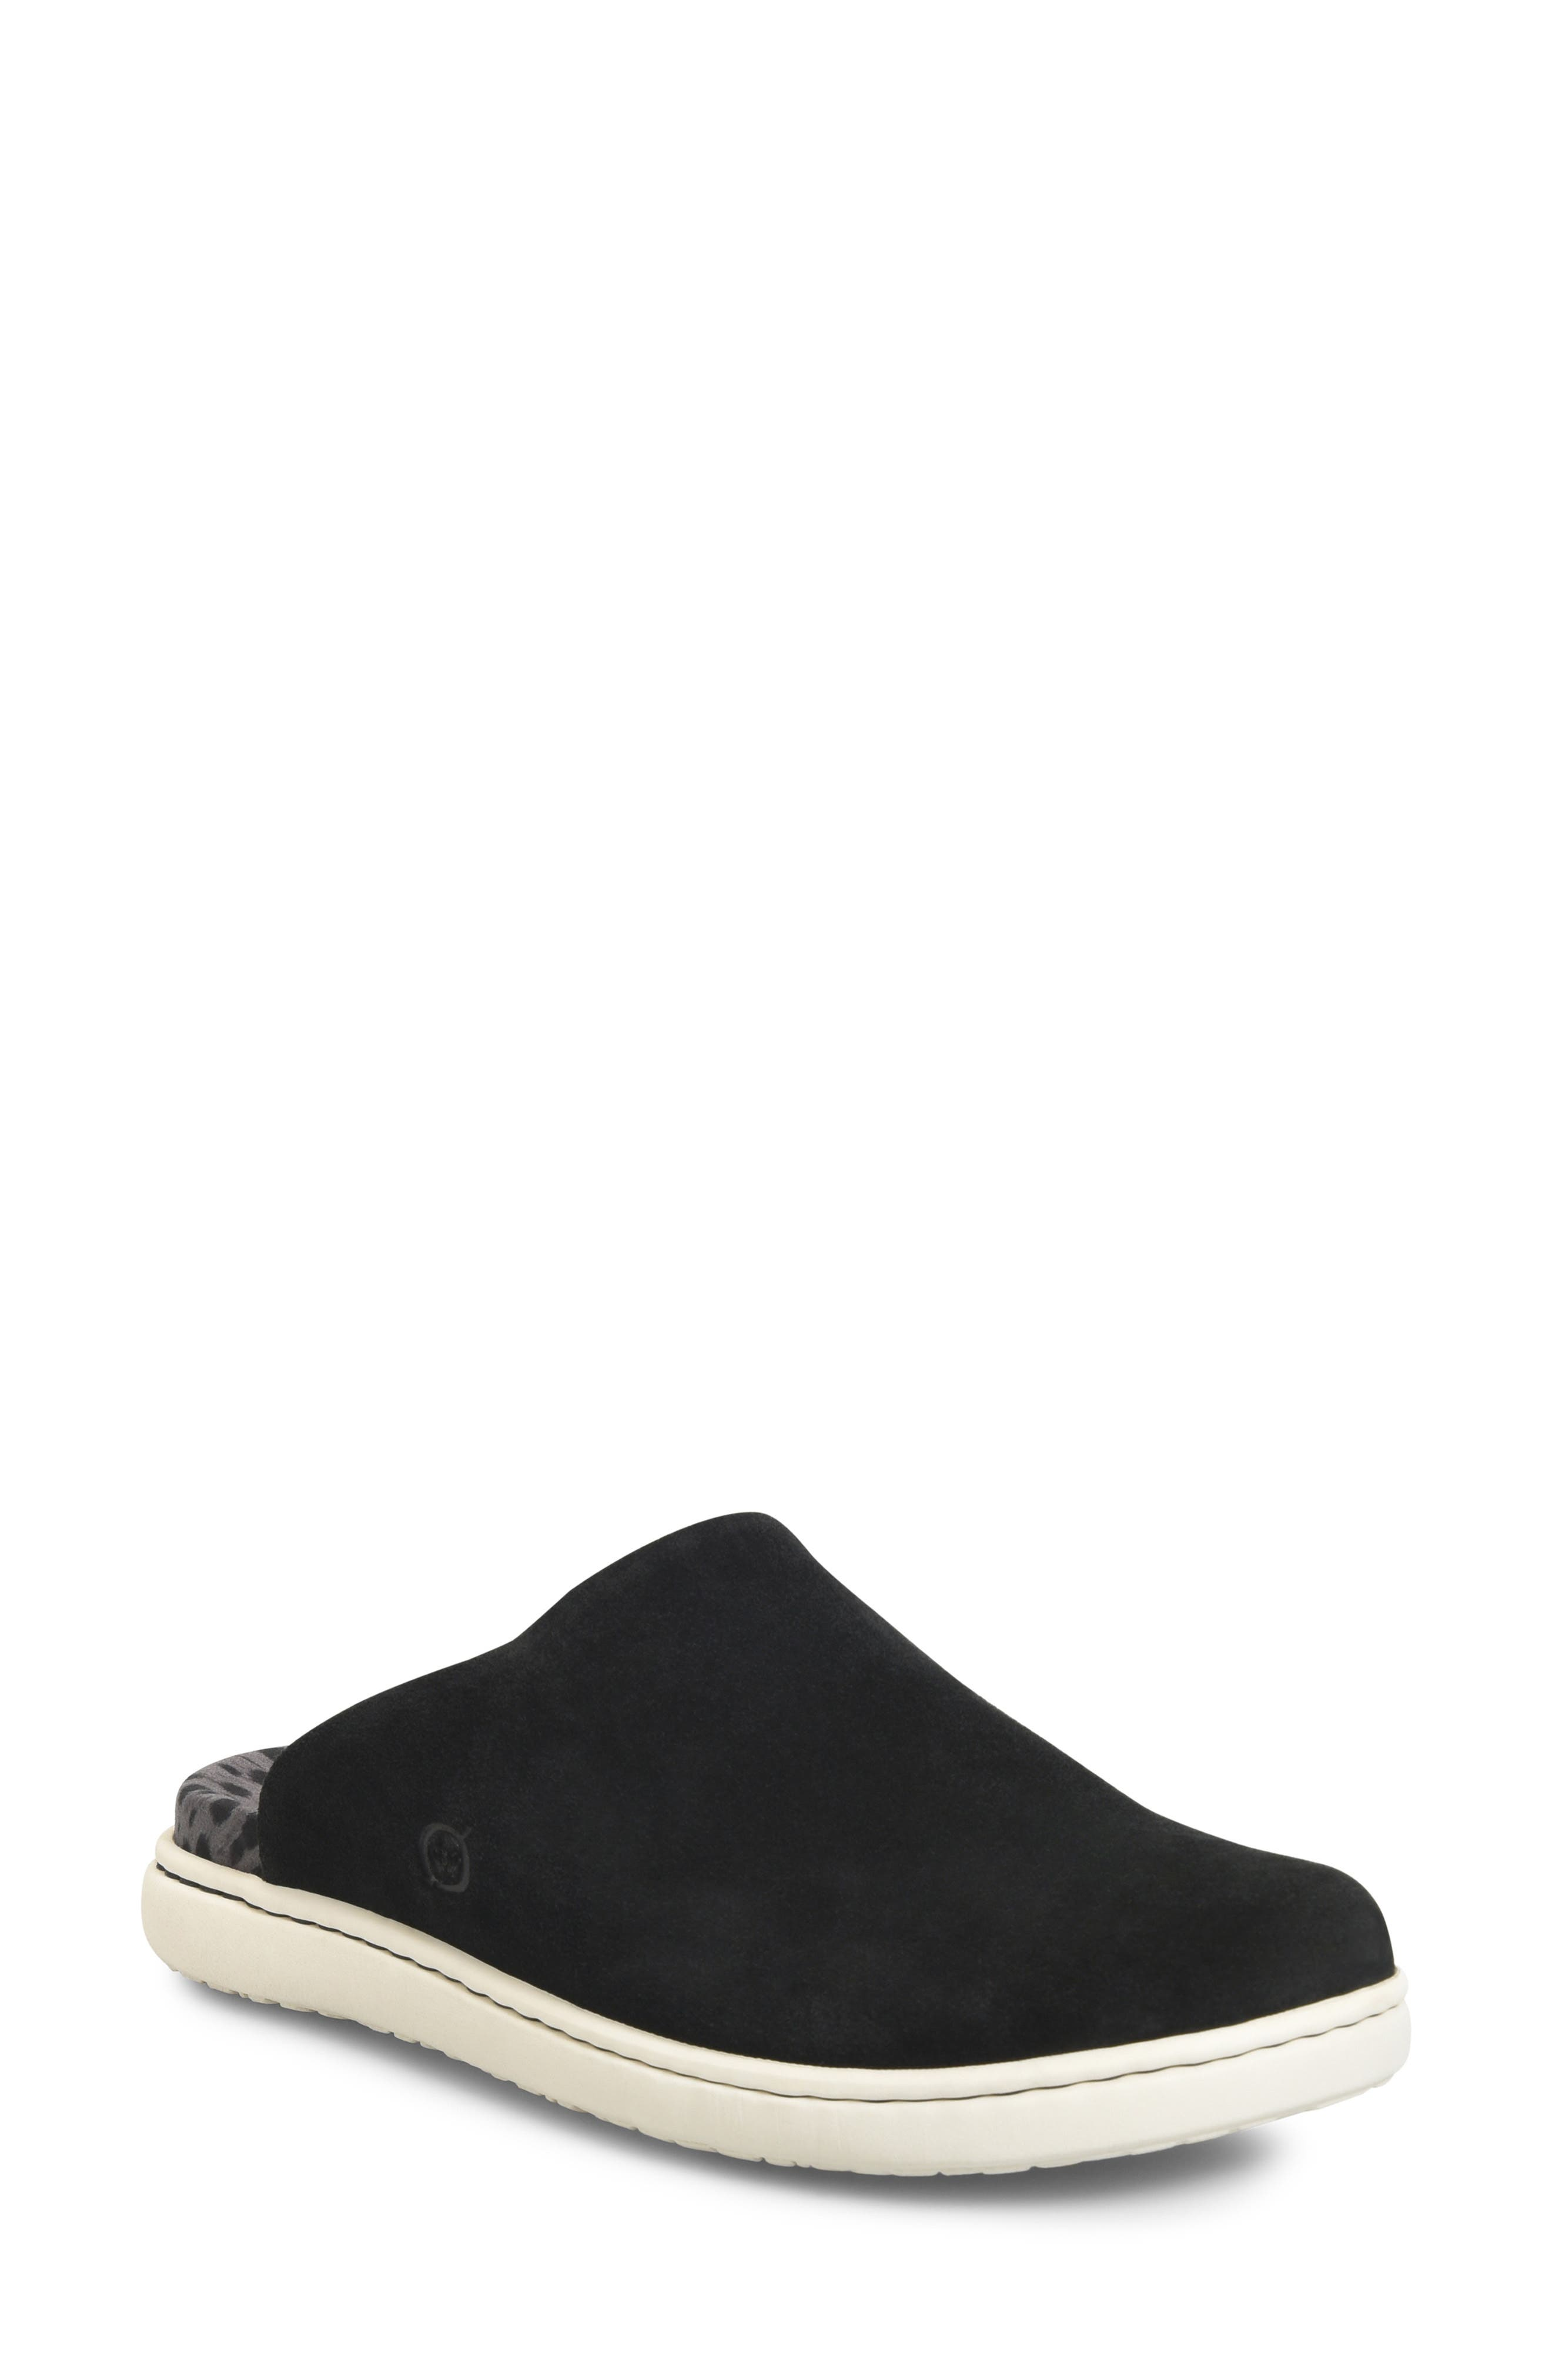 Women's B?rn Zen Sneaker Mule